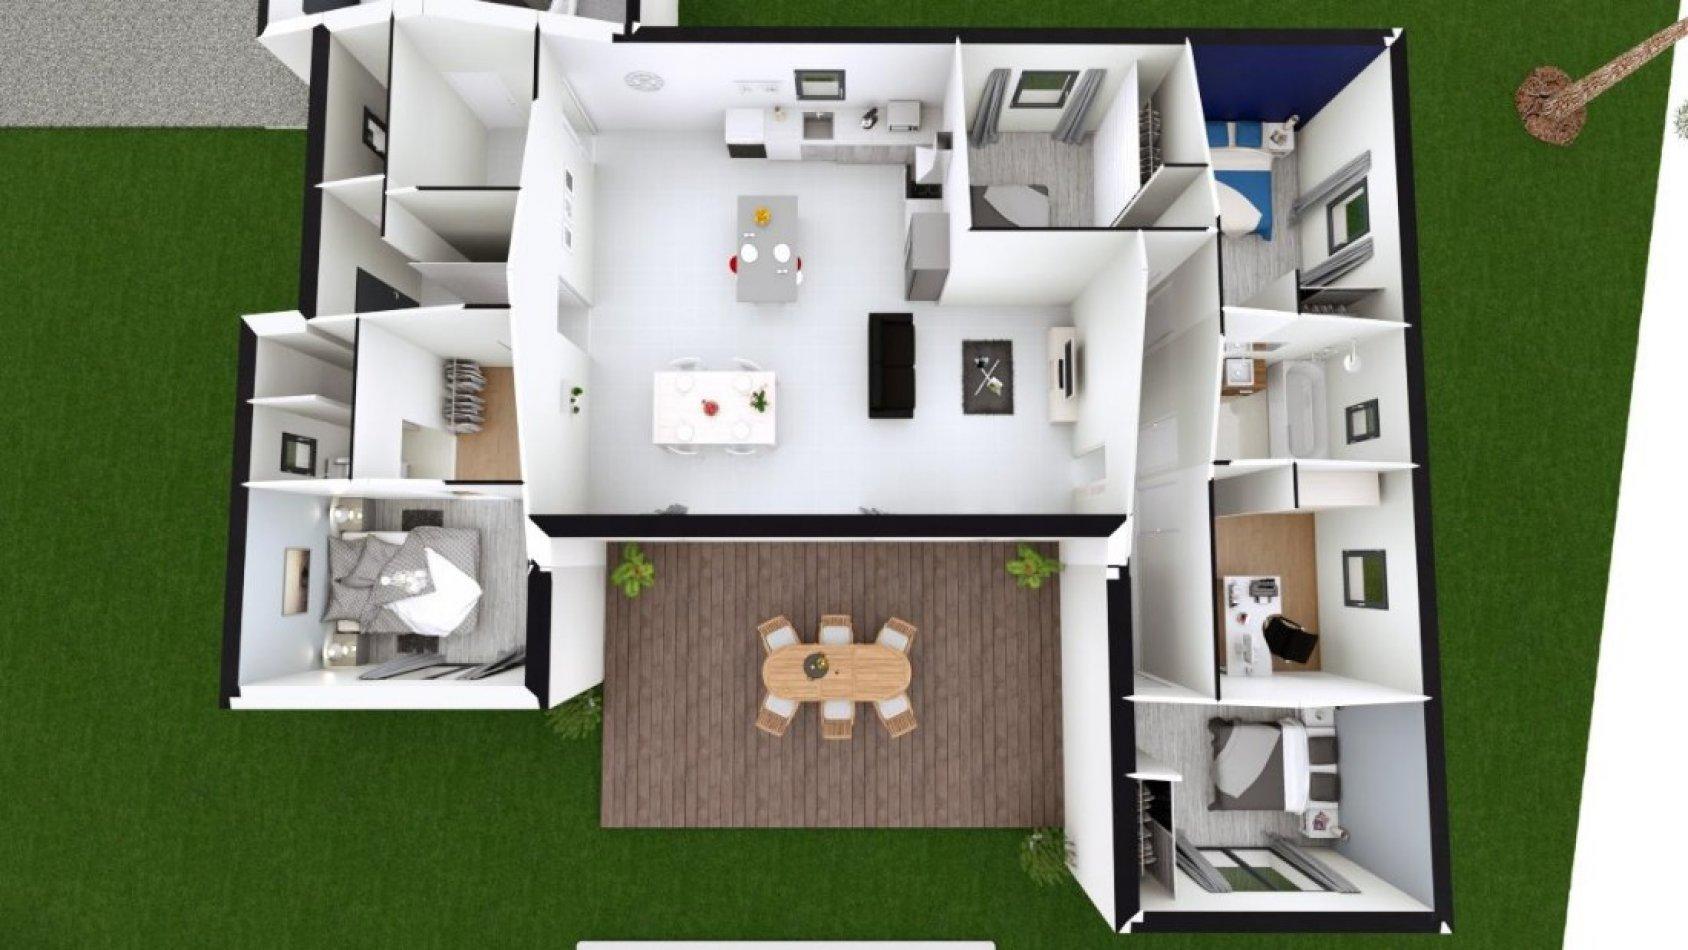 Maison Contemporaine De 135 M Avec 5 Chambres Et Un Garage Maisons Passion